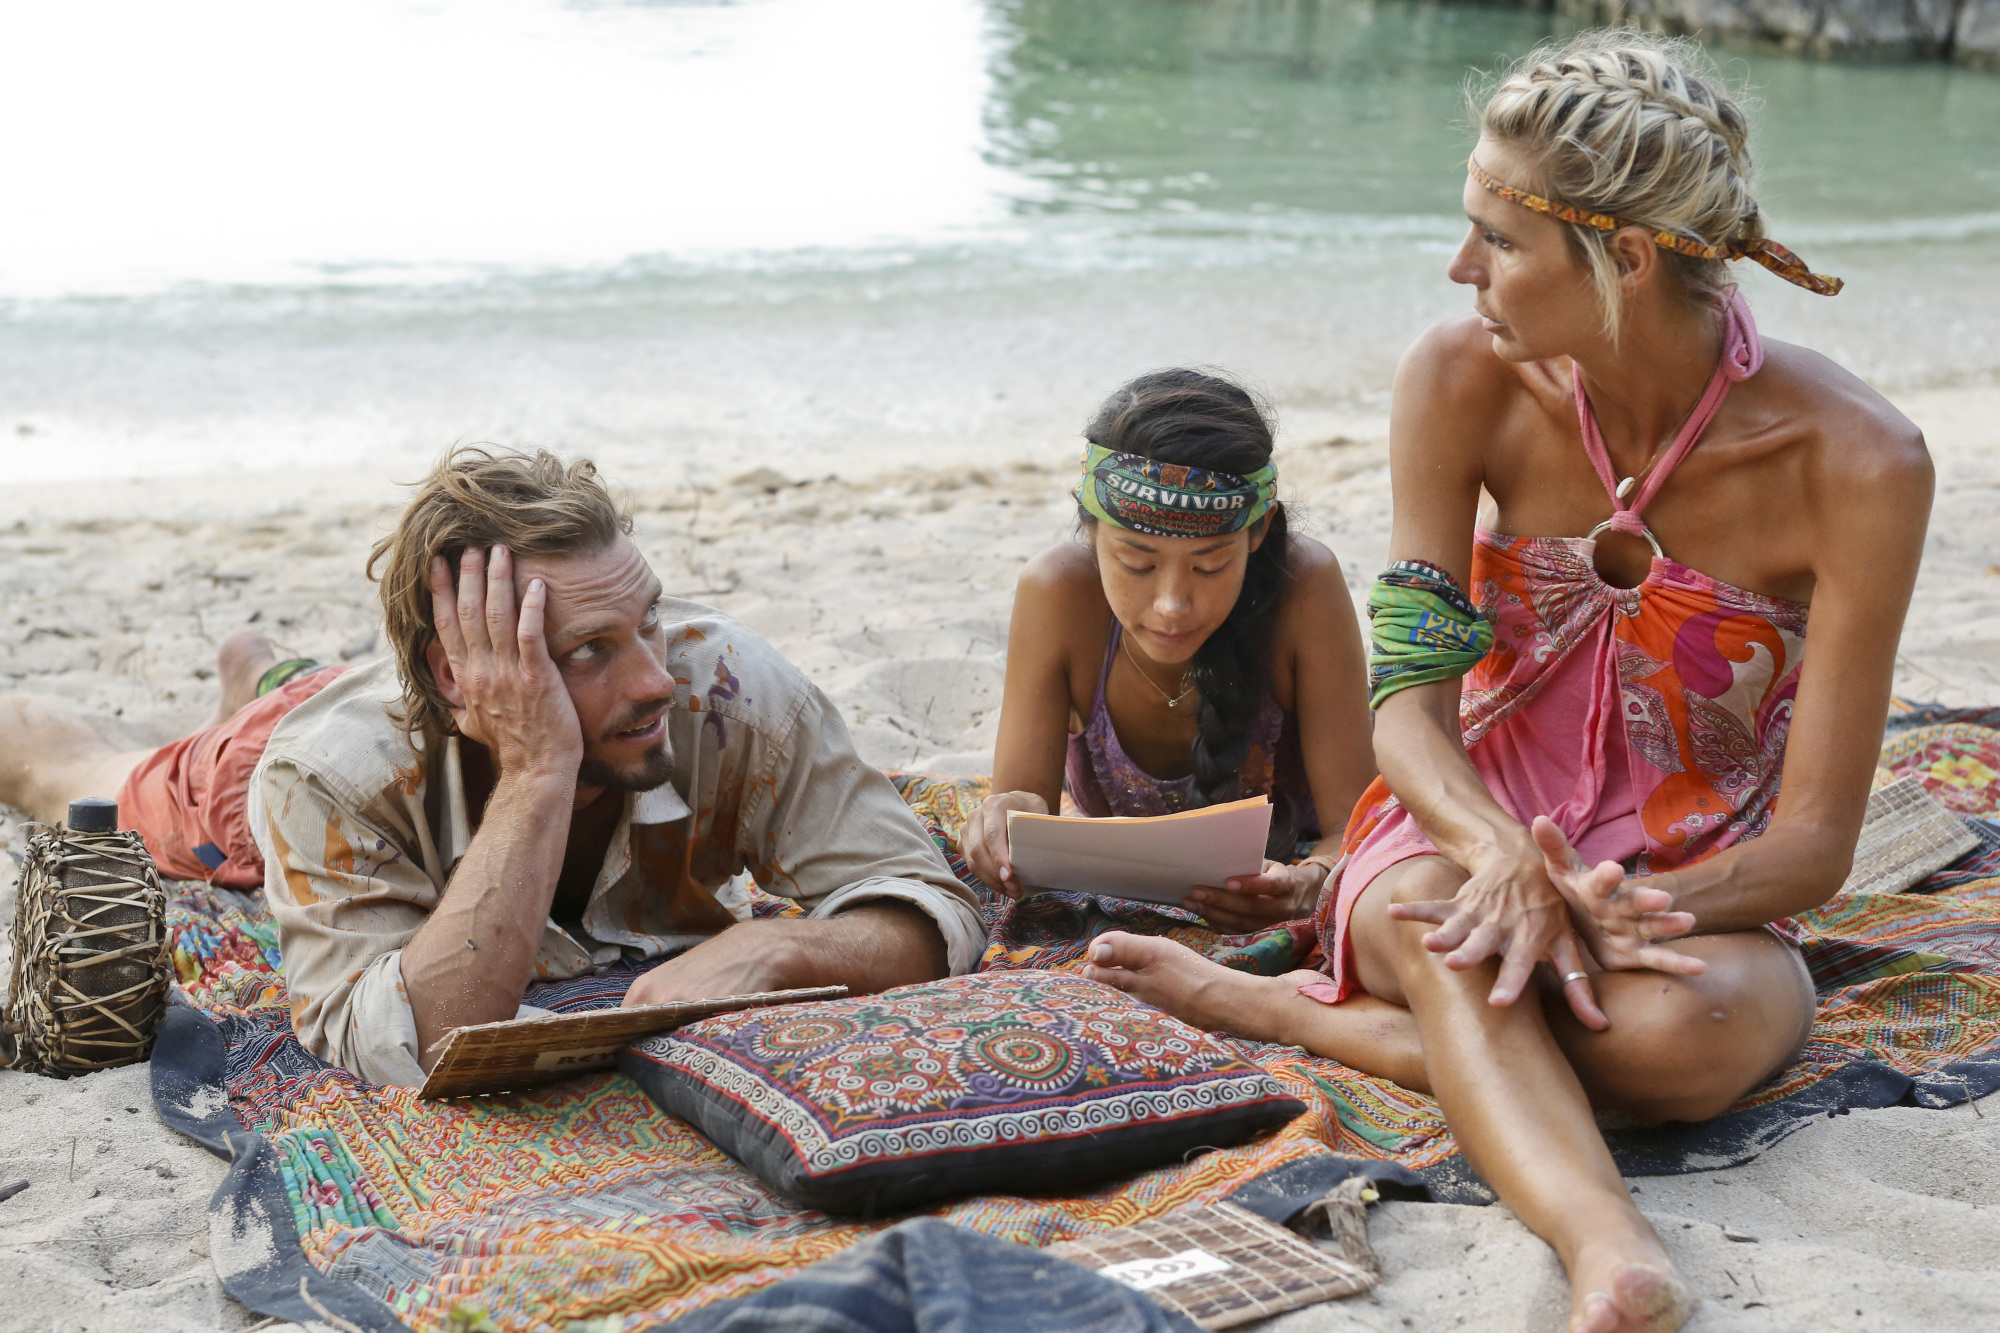 Reynold, Brenda and Sherri in